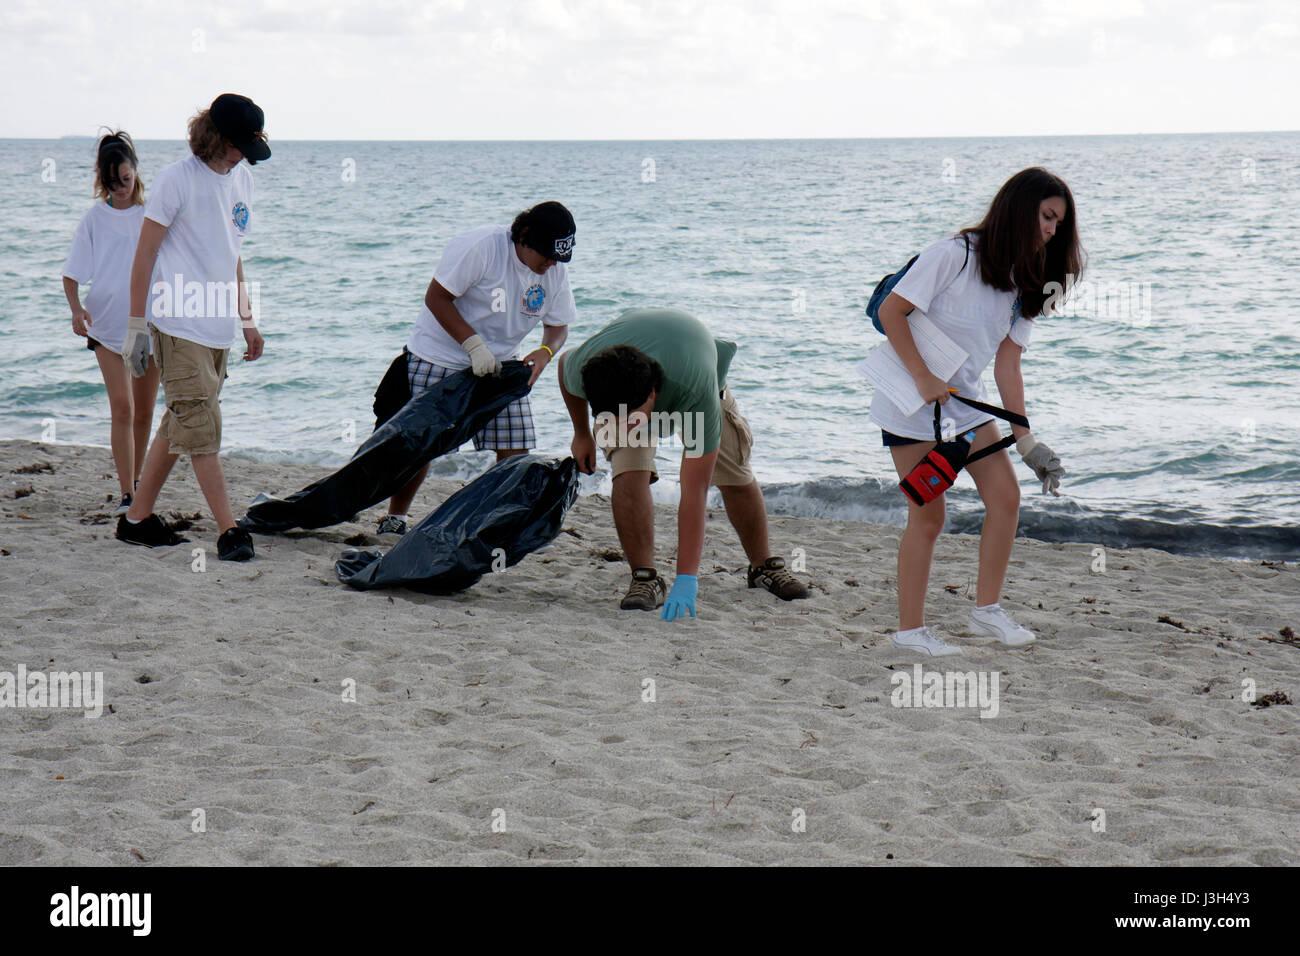 Miami Beach Florida del Lummus Park voluntarios de limpieza Costera internacional estudiante chicas chicos adolescentes Foto de stock